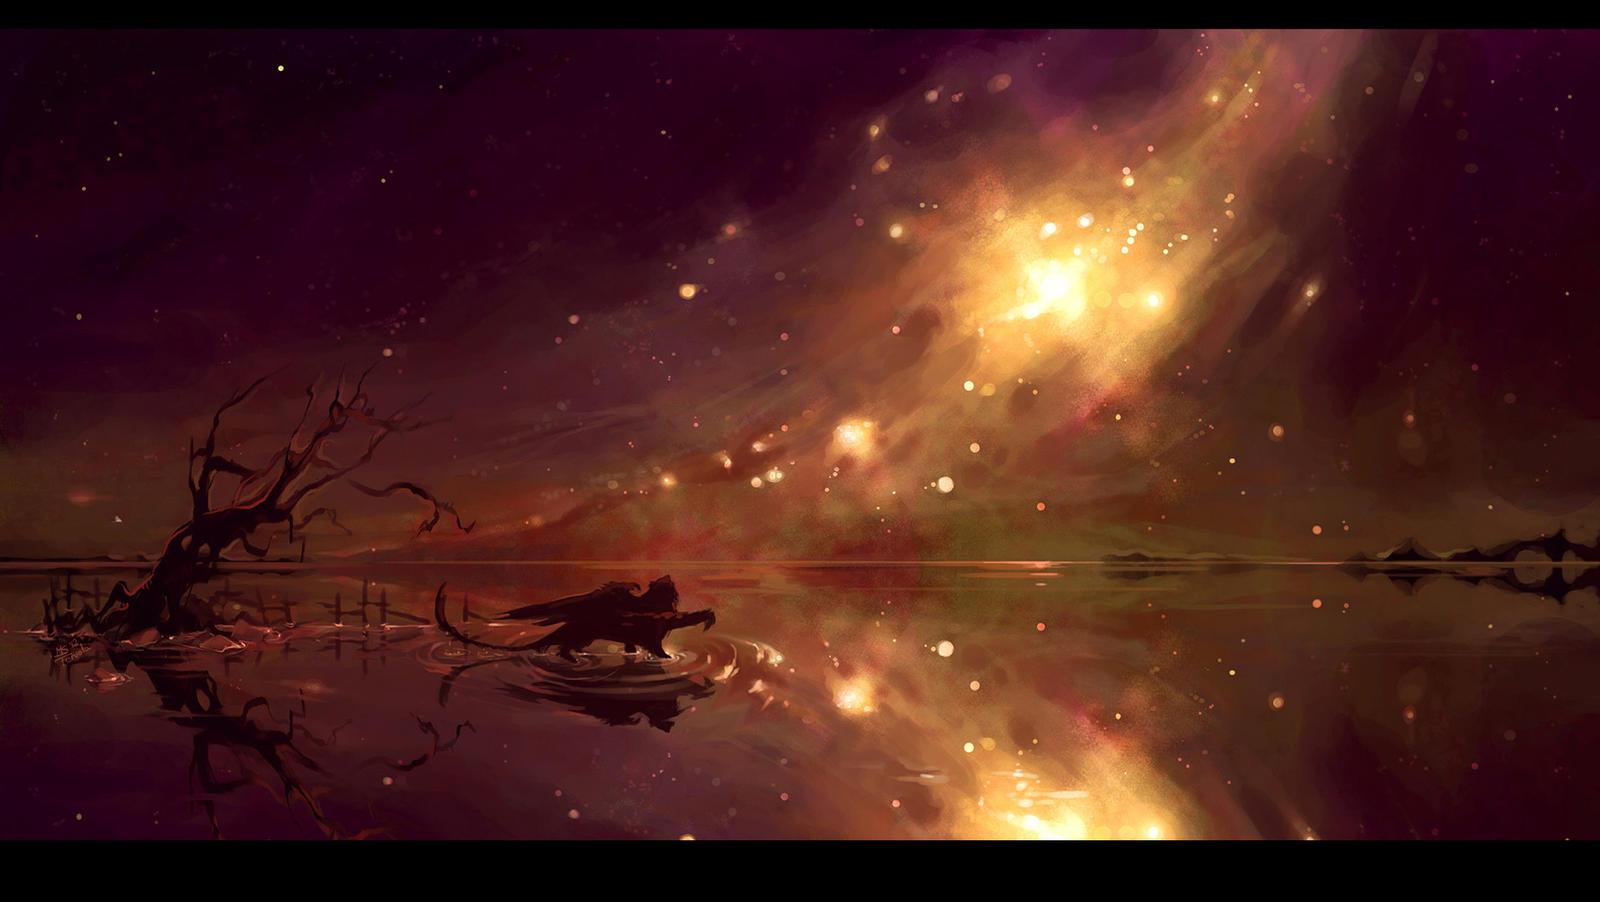 2 Skies - wallpaper by Tervola